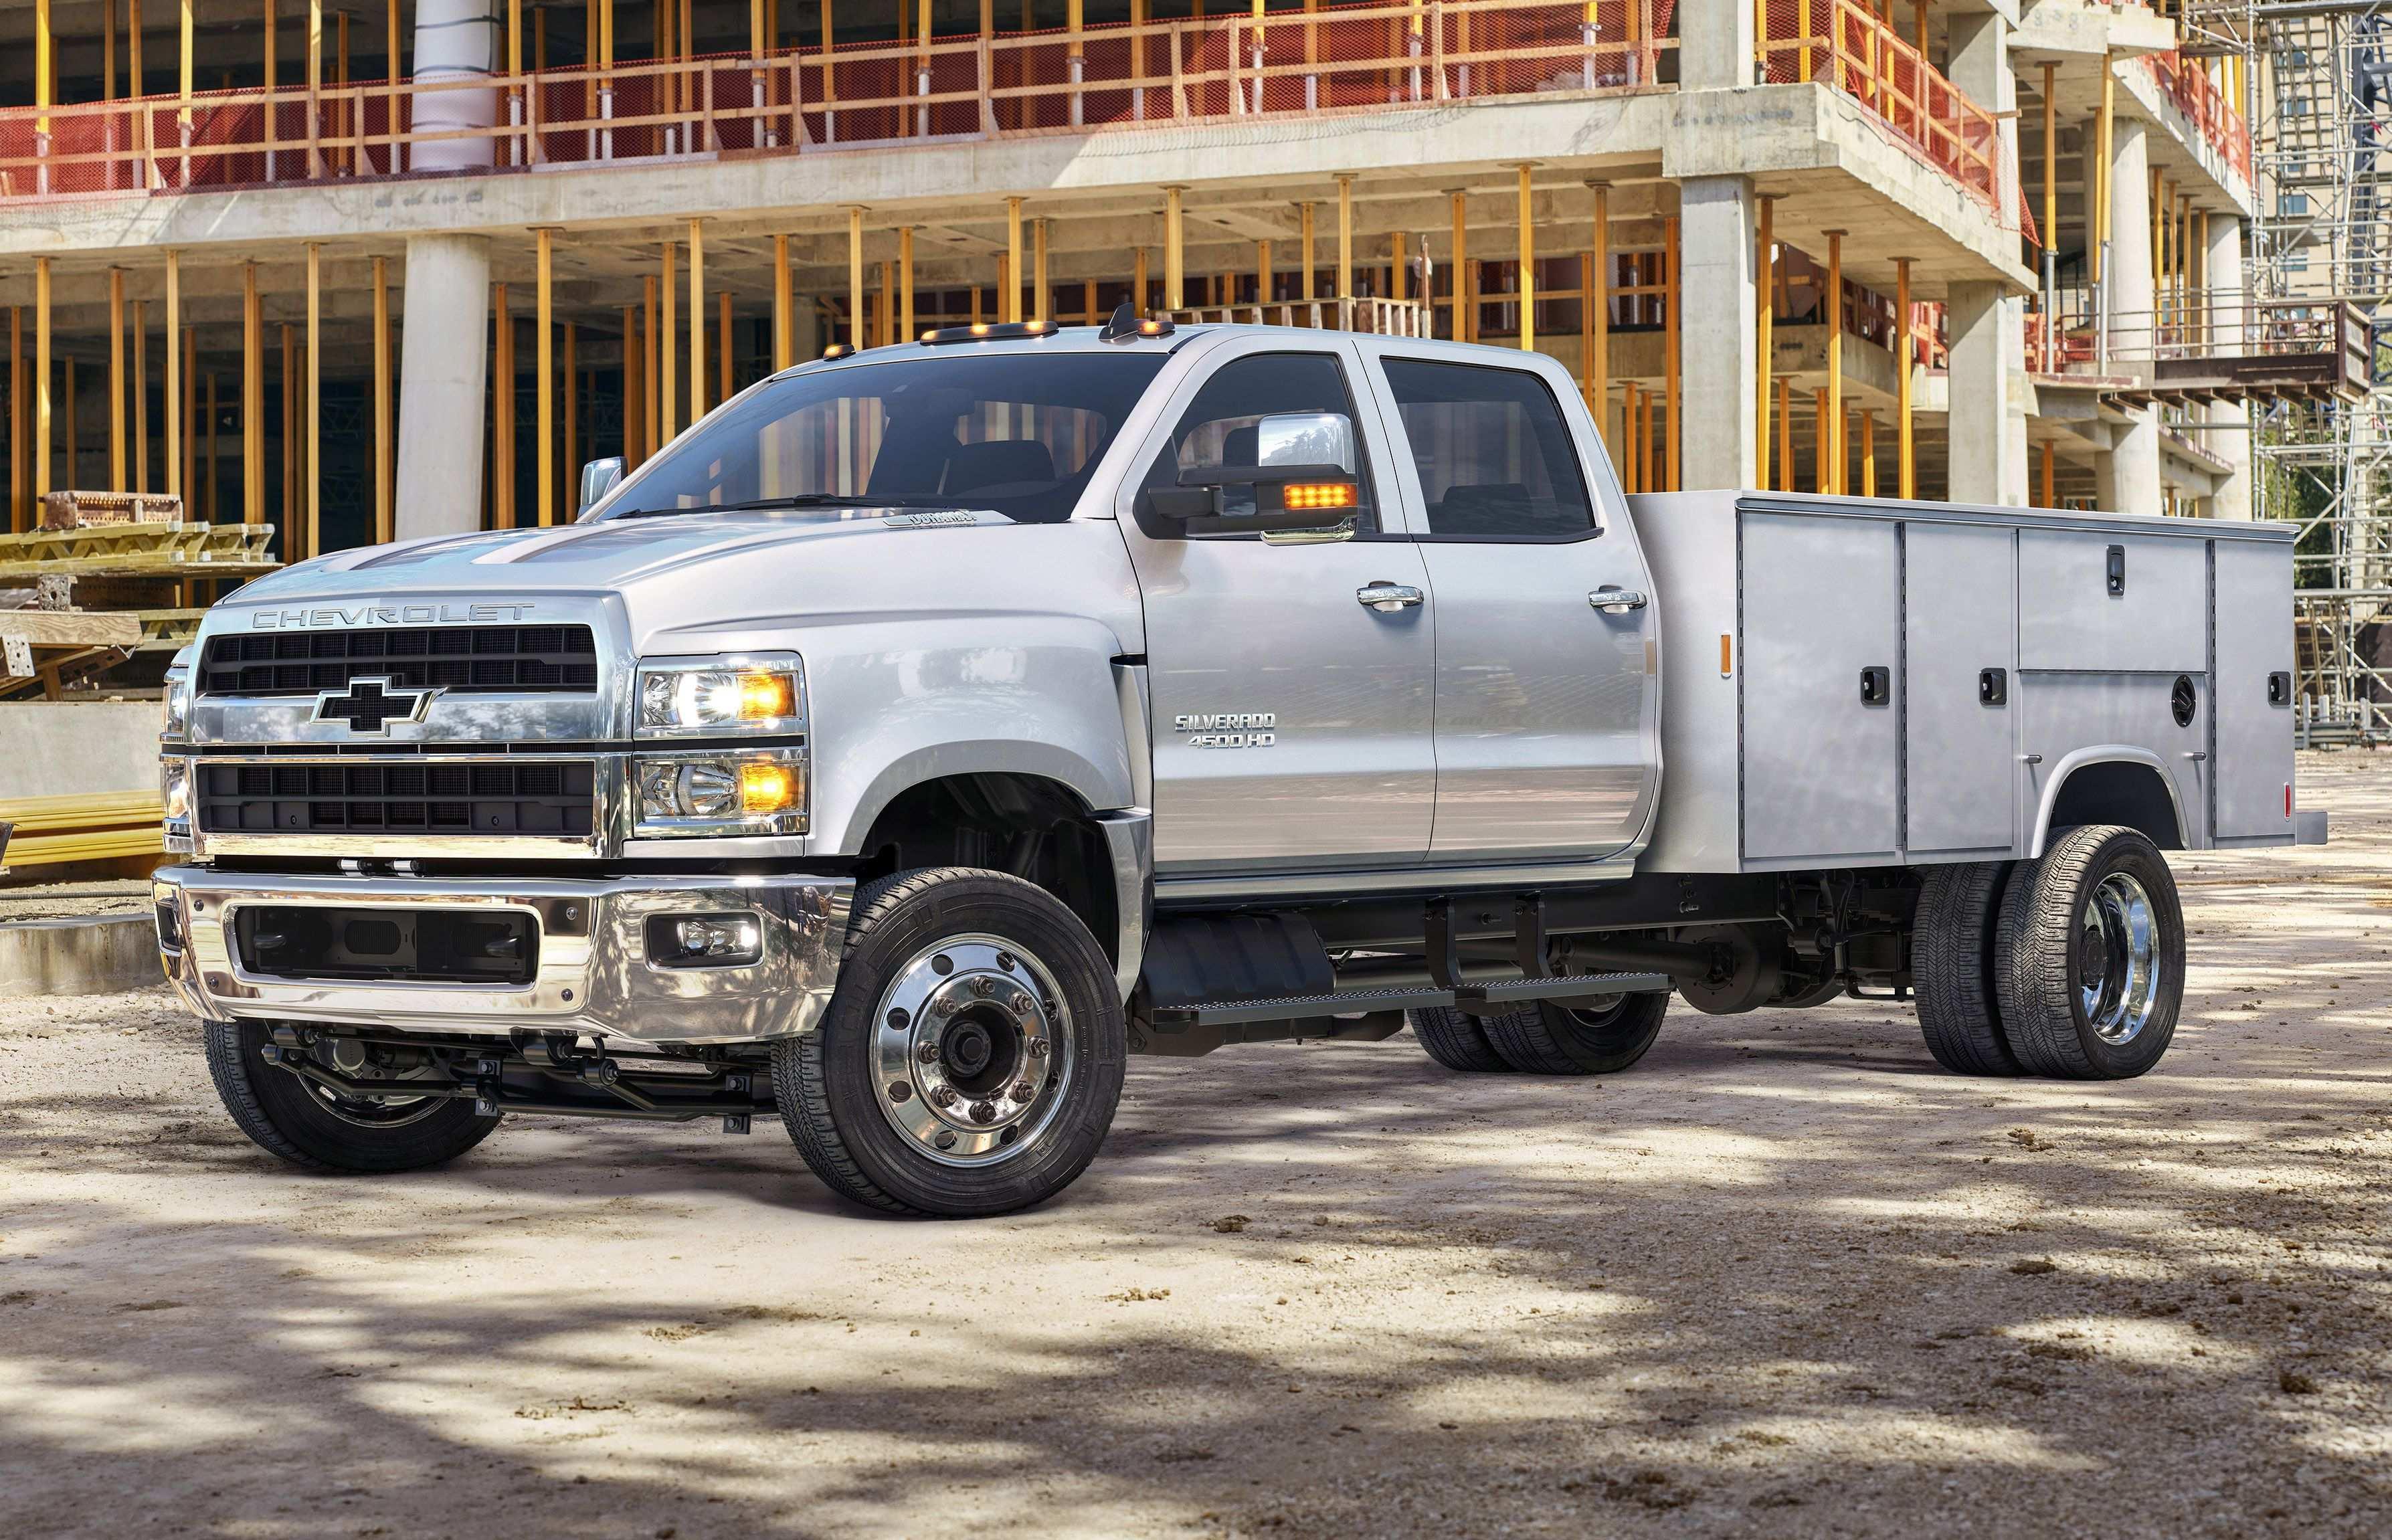 18 The 2020 Silverado 1500 2500 Hd Model by 2020 Silverado 1500 2500 Hd